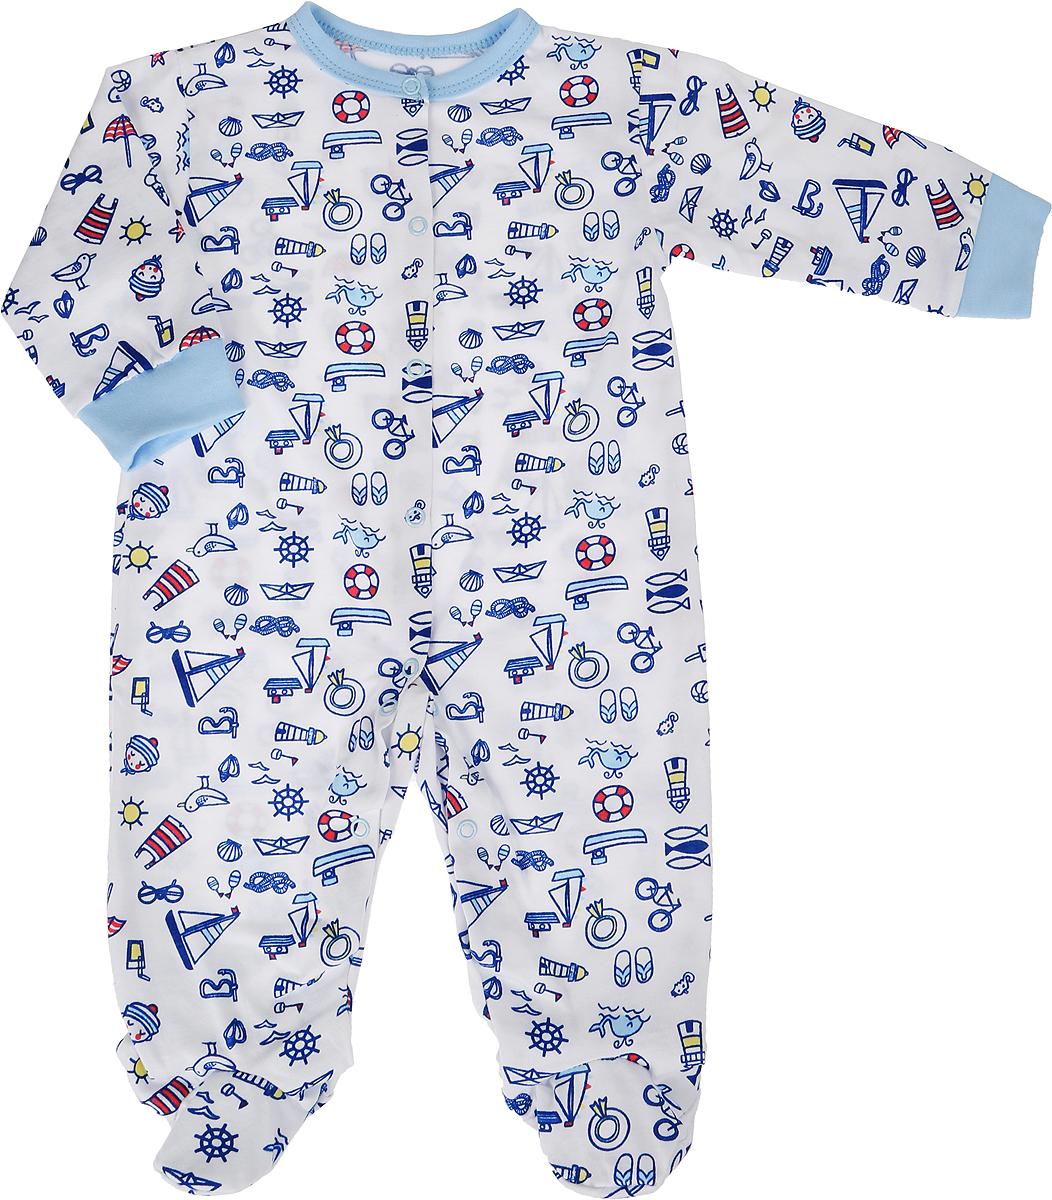 Комбинезон домашний для мальчика Веселый малыш One, цвет: голубой. 51172/one-Морская. Размер 6251172_морскаяКомбинезон домашний для мальчика Веселый малыш One выполнен из качественного материала. Модель с закрытыми ножками застегивается на кнопки.